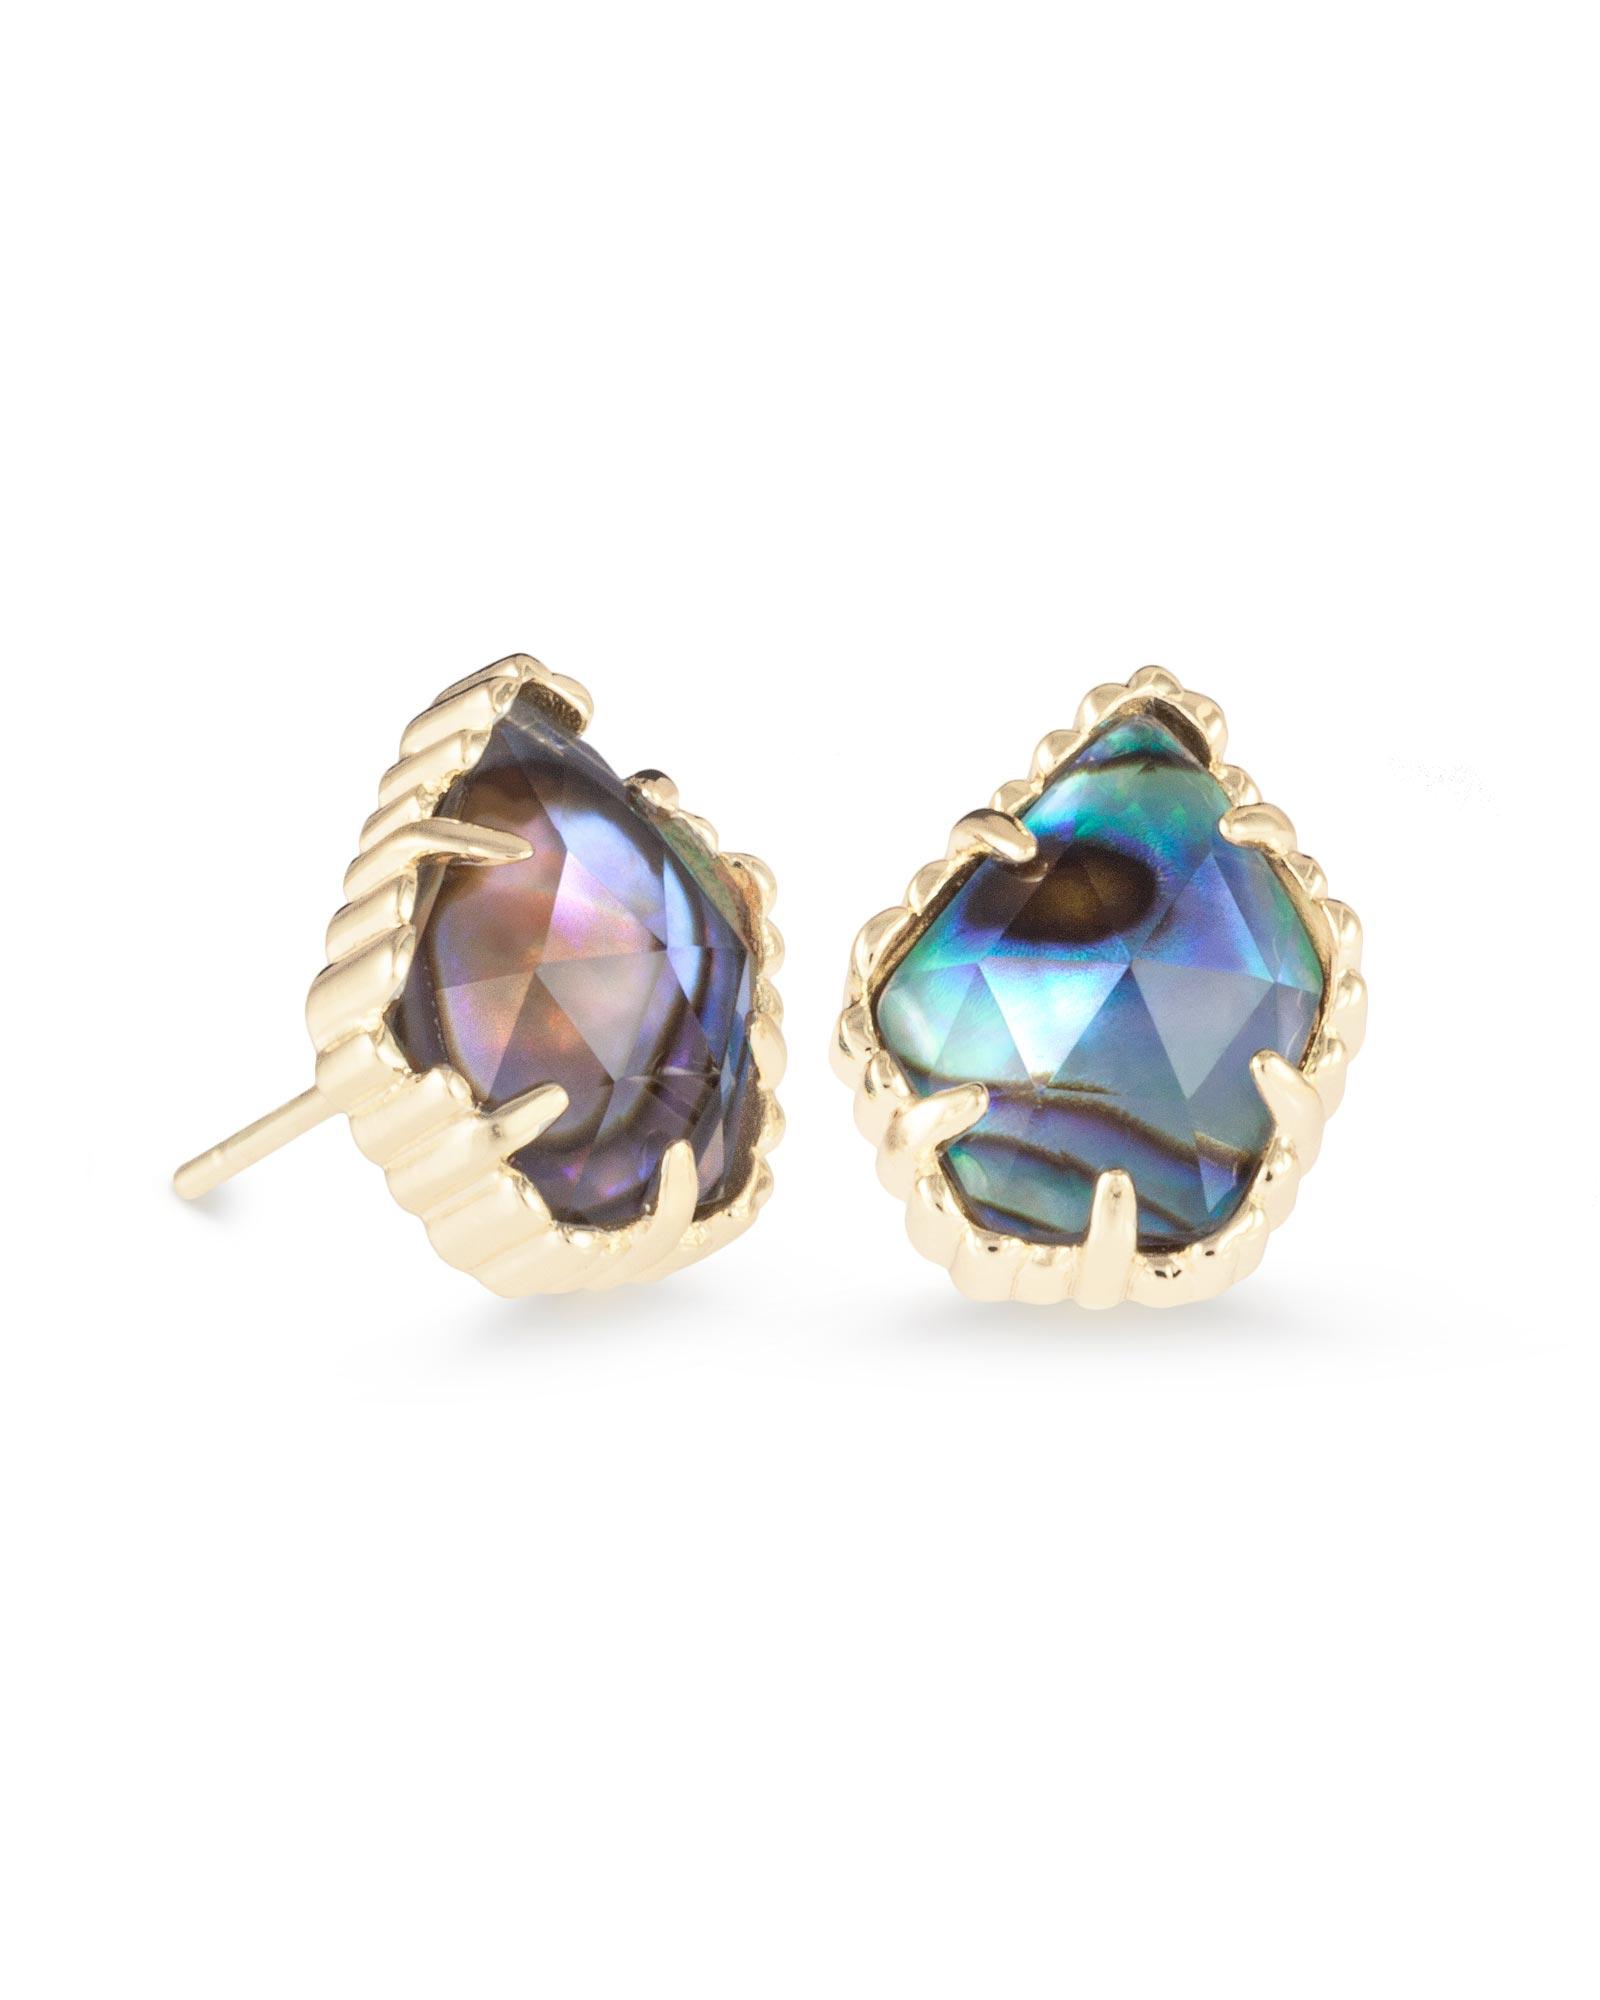 Tessa Stud Gold Earrings in Abalone Shell   Kendra Scott